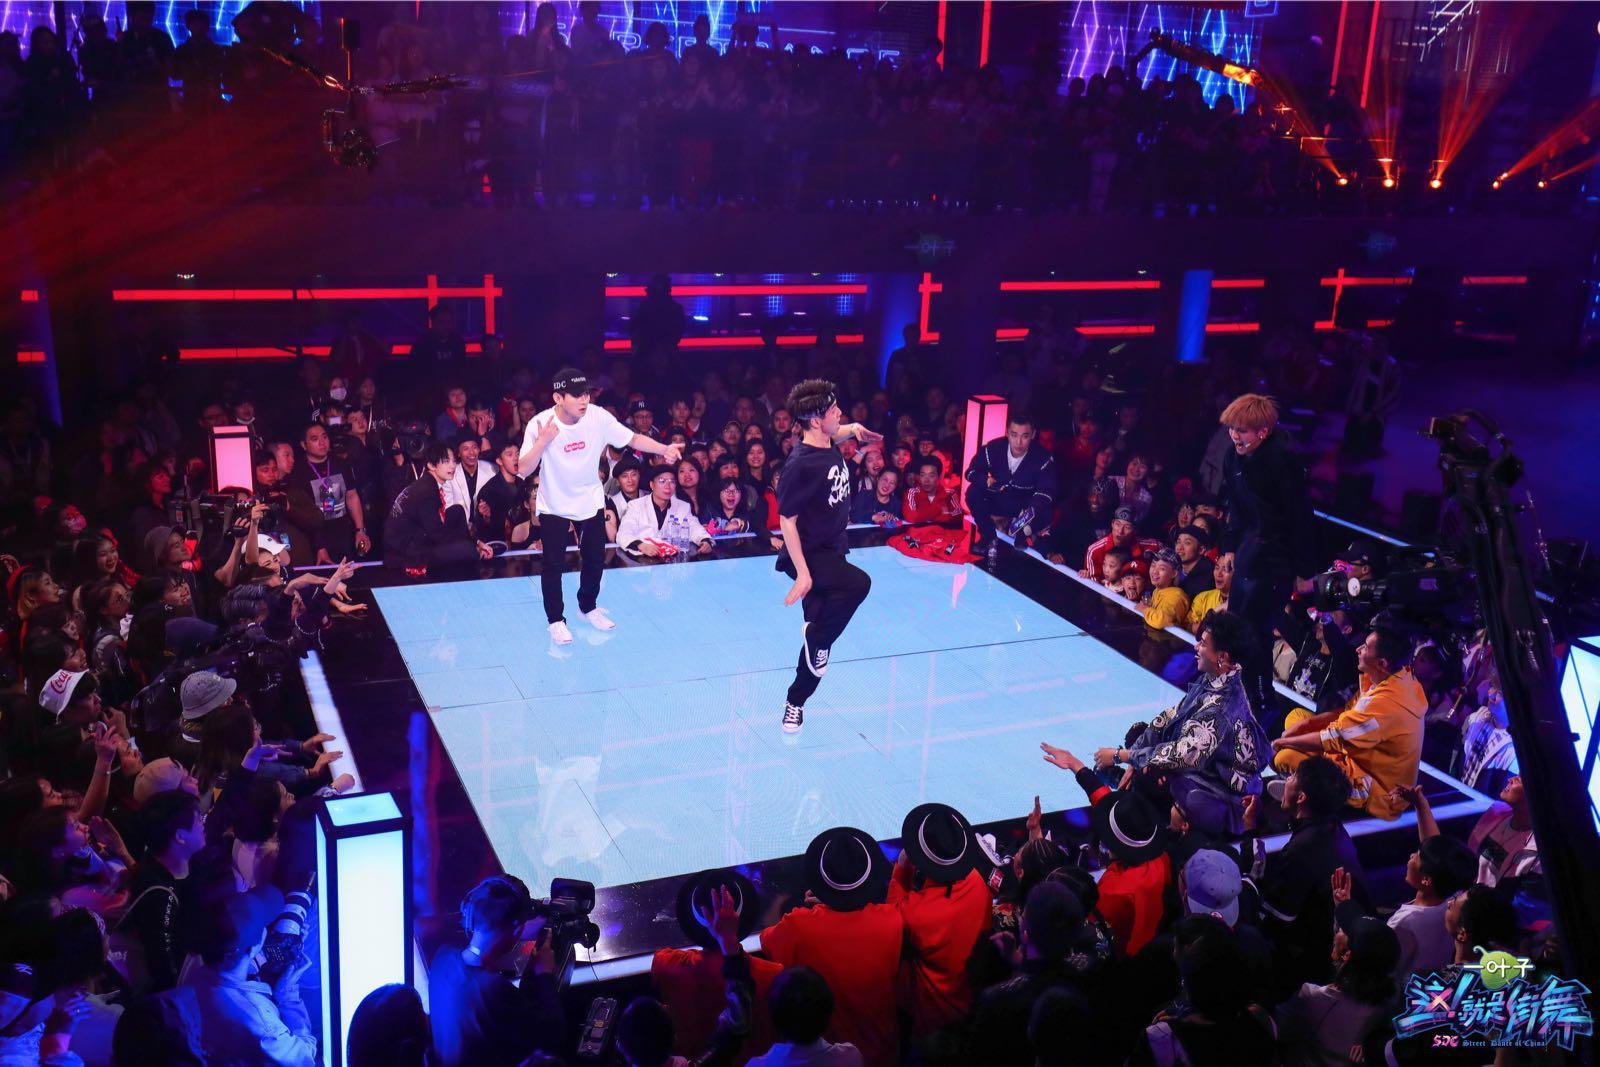 《这就是街舞》谁将挑战冠军 街舞狂欢开启新篇章